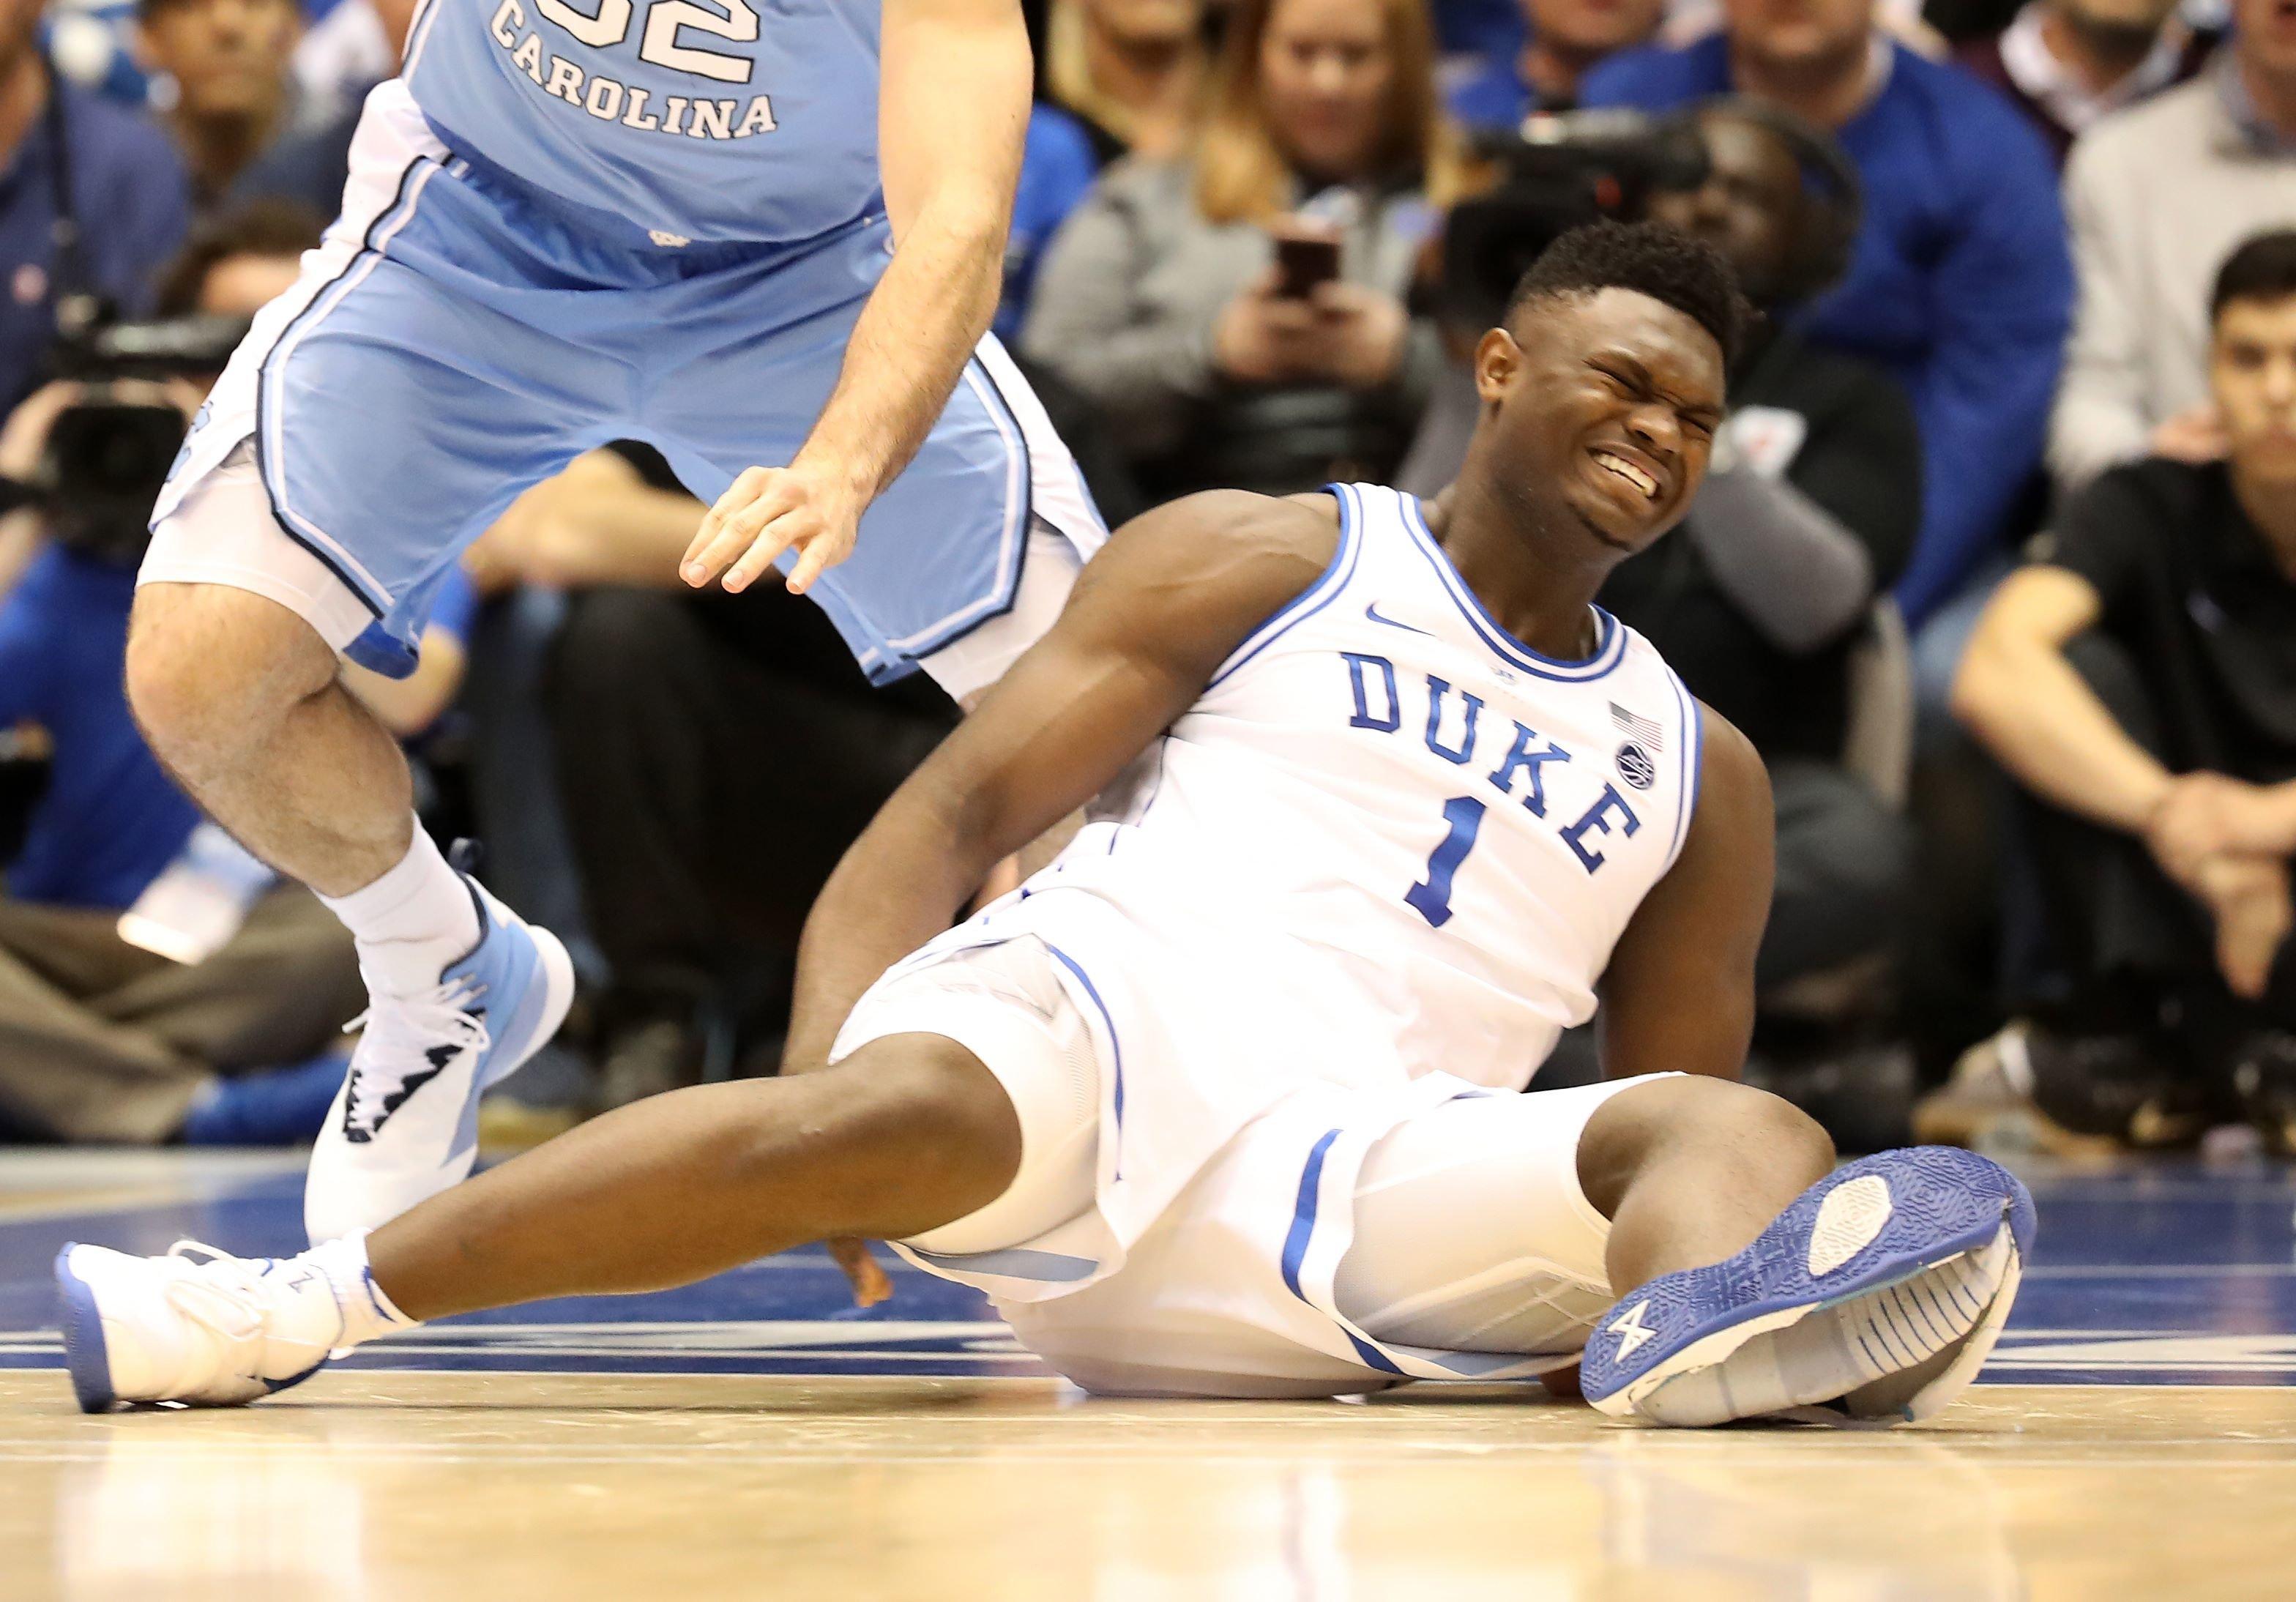 ナイキのバスケシューズが裂けて崩壊 NBAドラフト候補の大学スター選手が負傷する前代未聞の事態に